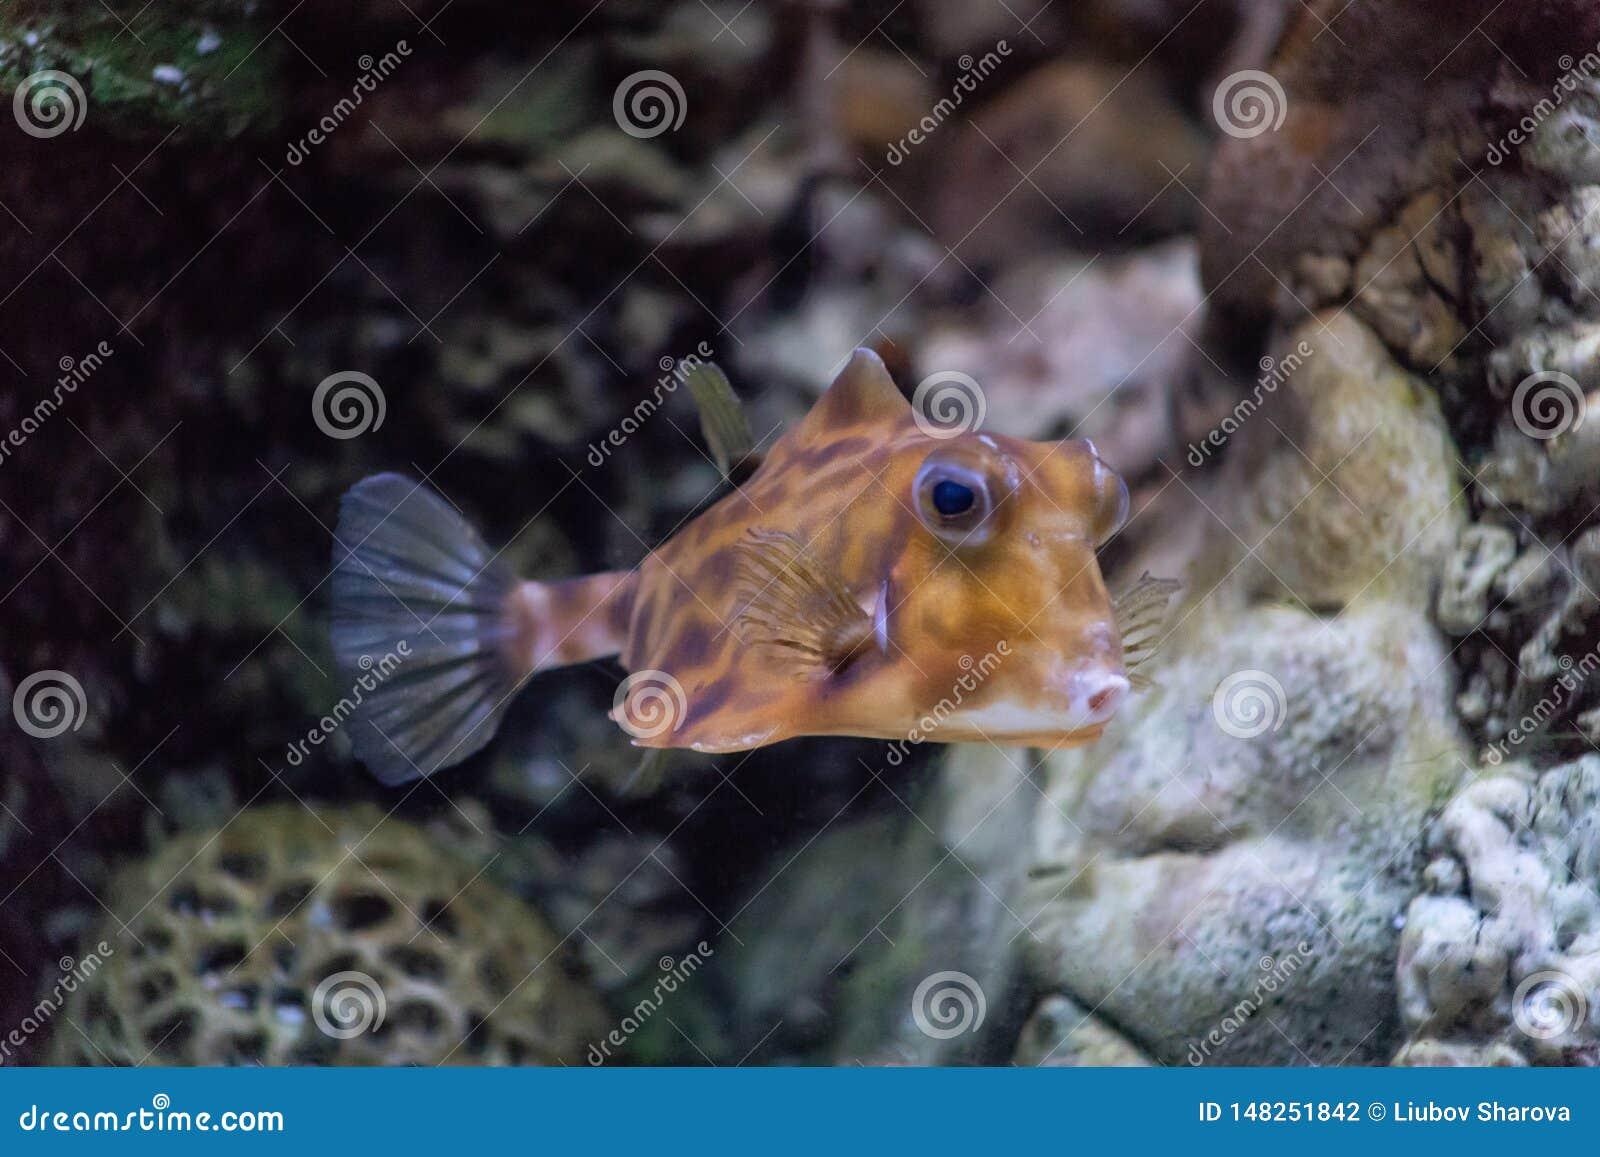 Cornuta ordinaire à cornes un de Lactoria de carrosserie des poissons les plus amusants vivant dans les eaux chaudes du Pacifique